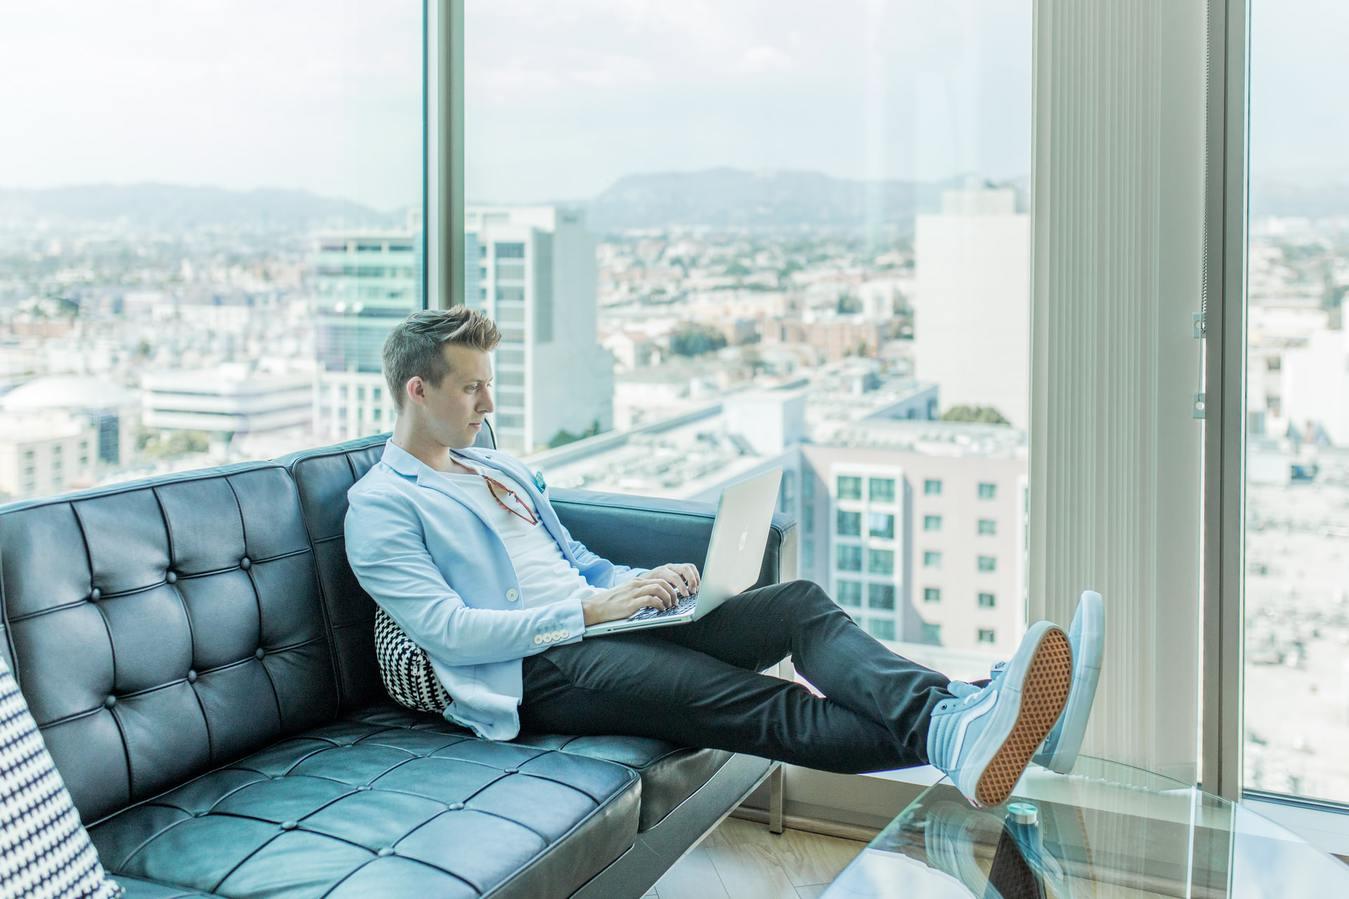 người đàn ông đang viết kế hoạch kinh doanh bằng laptop